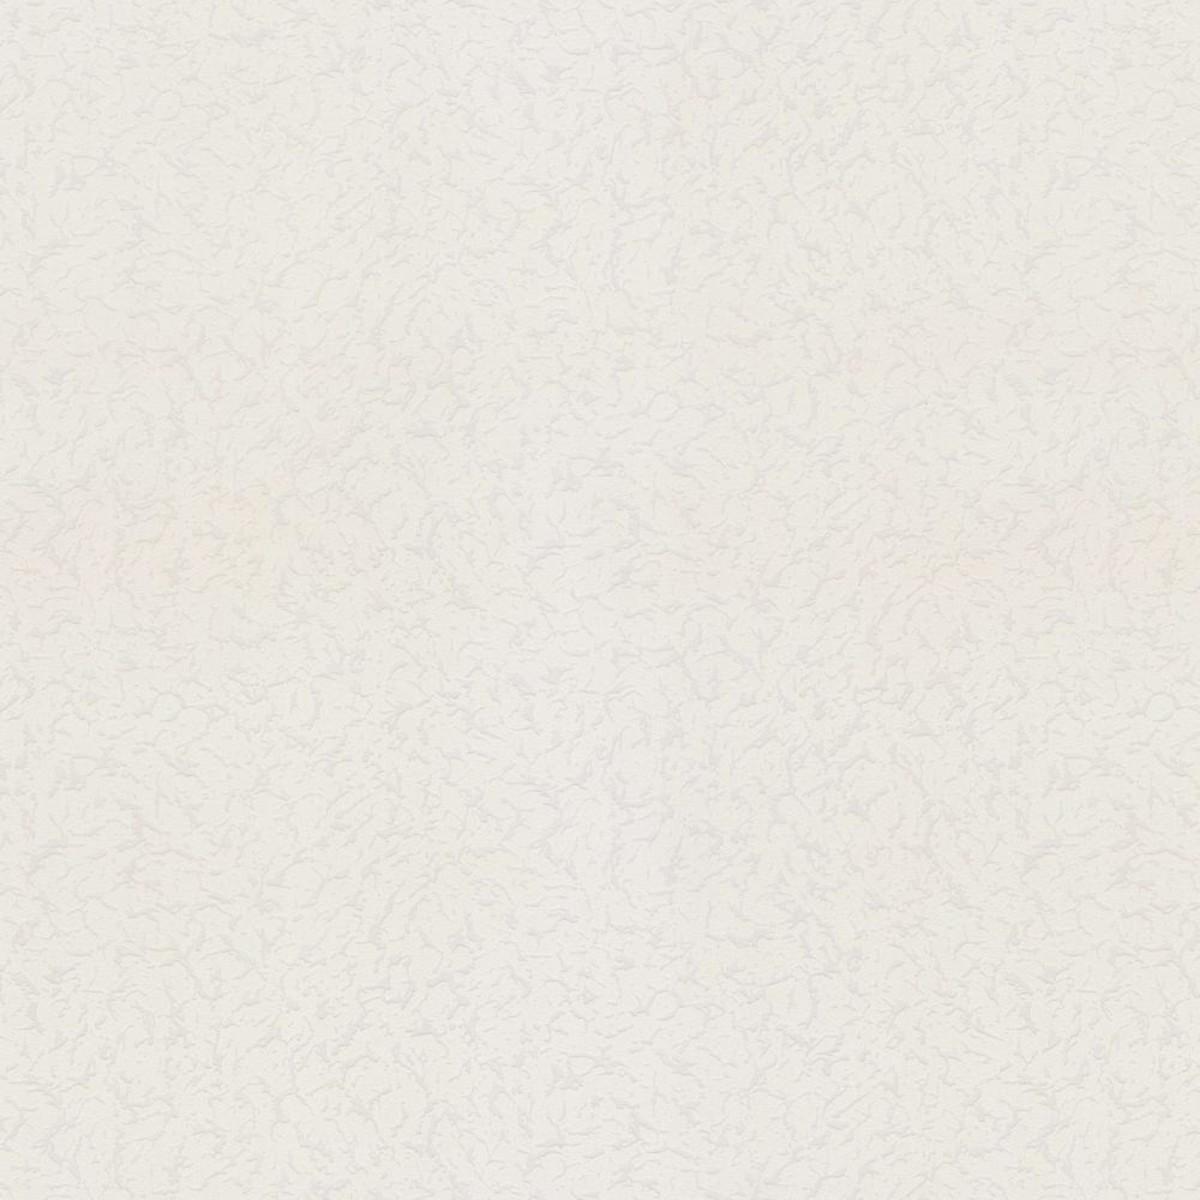 Обои флизелиновые Палитра Colorist белые 4045-01 1.06 м